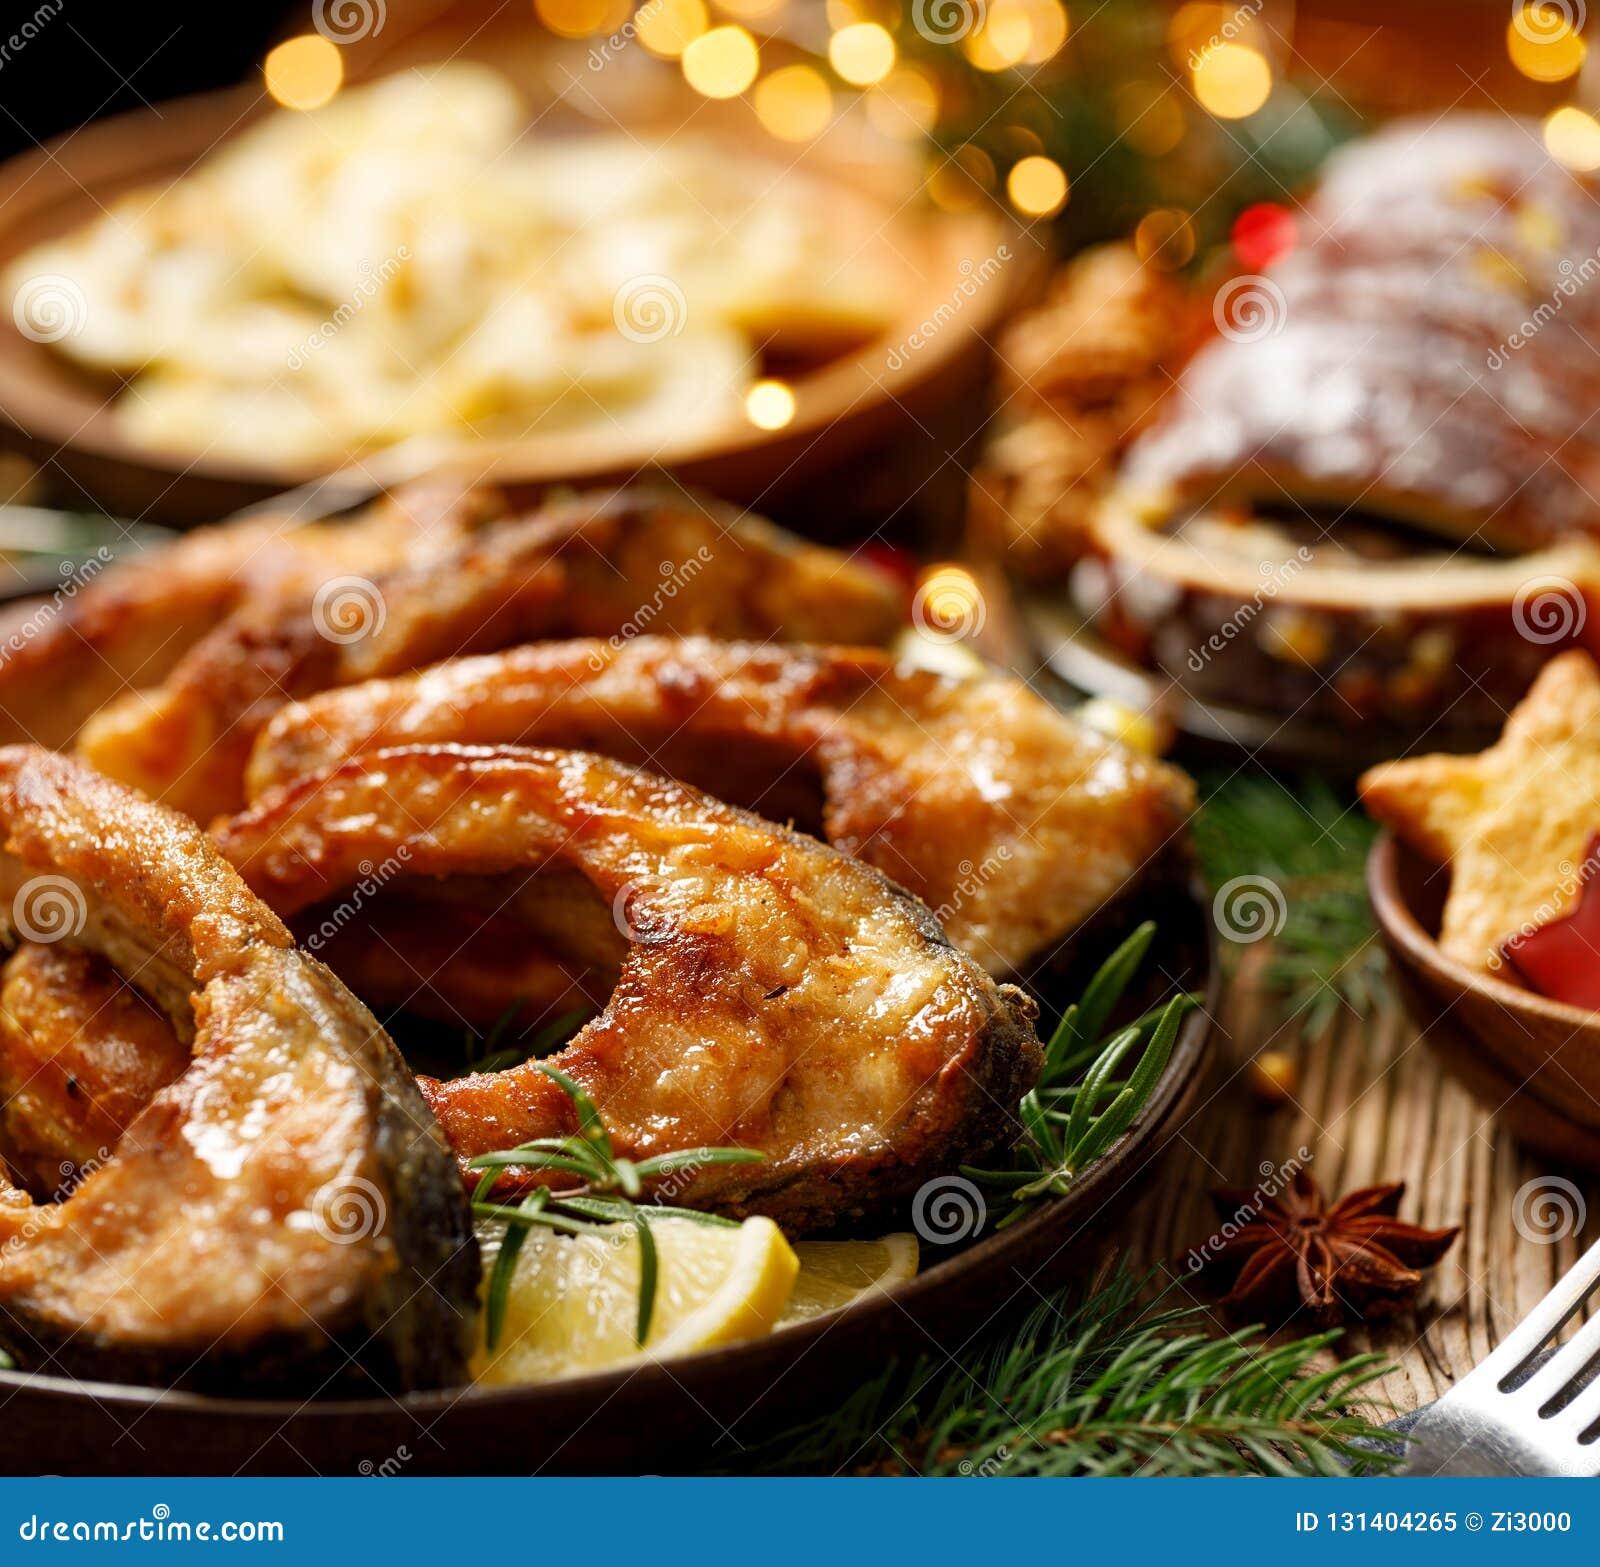 Fatias de peixes fritadas em uma placa cerâmica, fim da carpa acima Prato tradicional da Noite de Natal